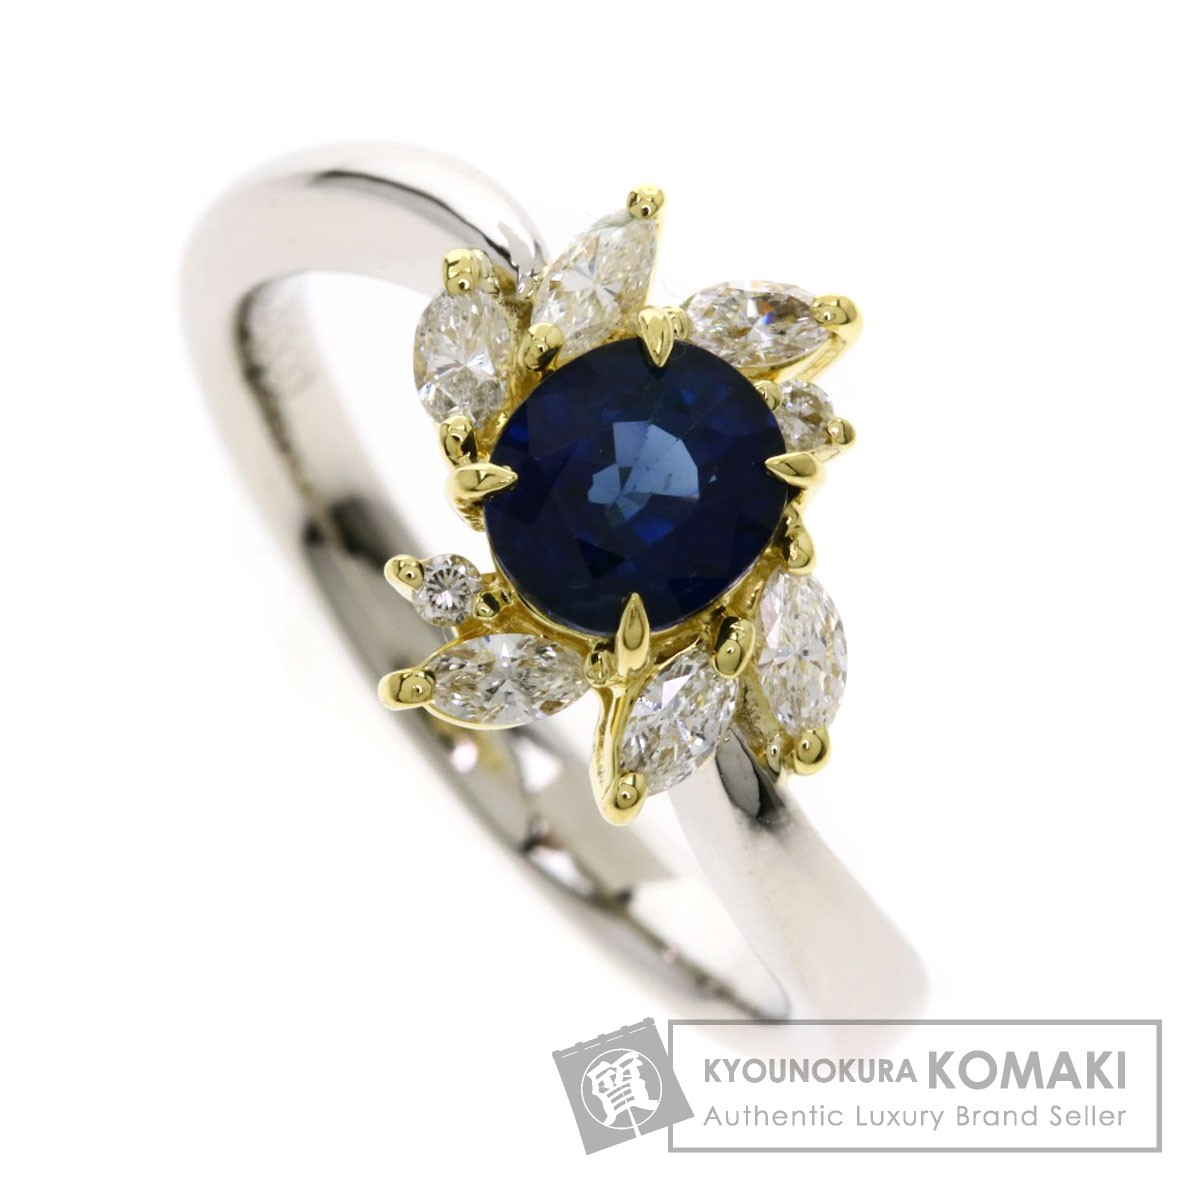 1.05ct サファイア ダイヤモンド リング・指輪 プラチナPT900/K18YG 5.5g レディース 【中古】